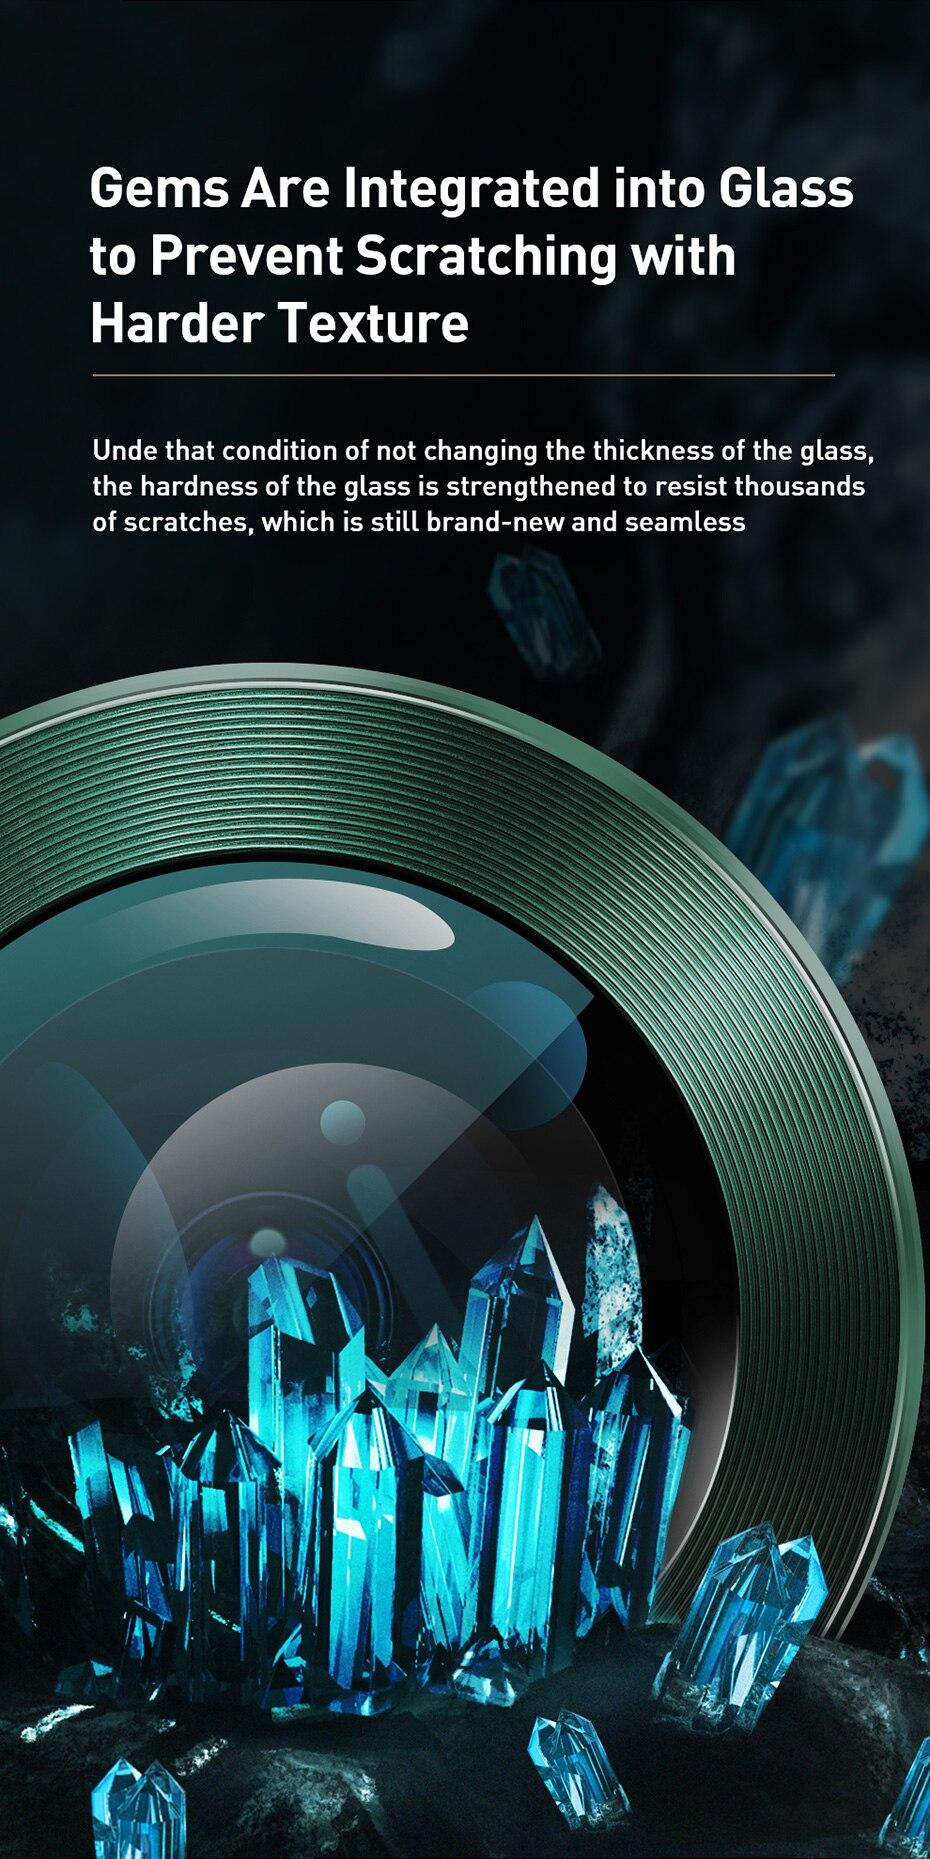 Bộ ốp viền kim loại tích hợp cường lực chống trầy Camera cho iPhone 11 - 11 Pro - 11 Pro Max - iPhone 12 - 12 Mini - 12 Pro hiệu Baseus Alloy Protection Ring Lens Film